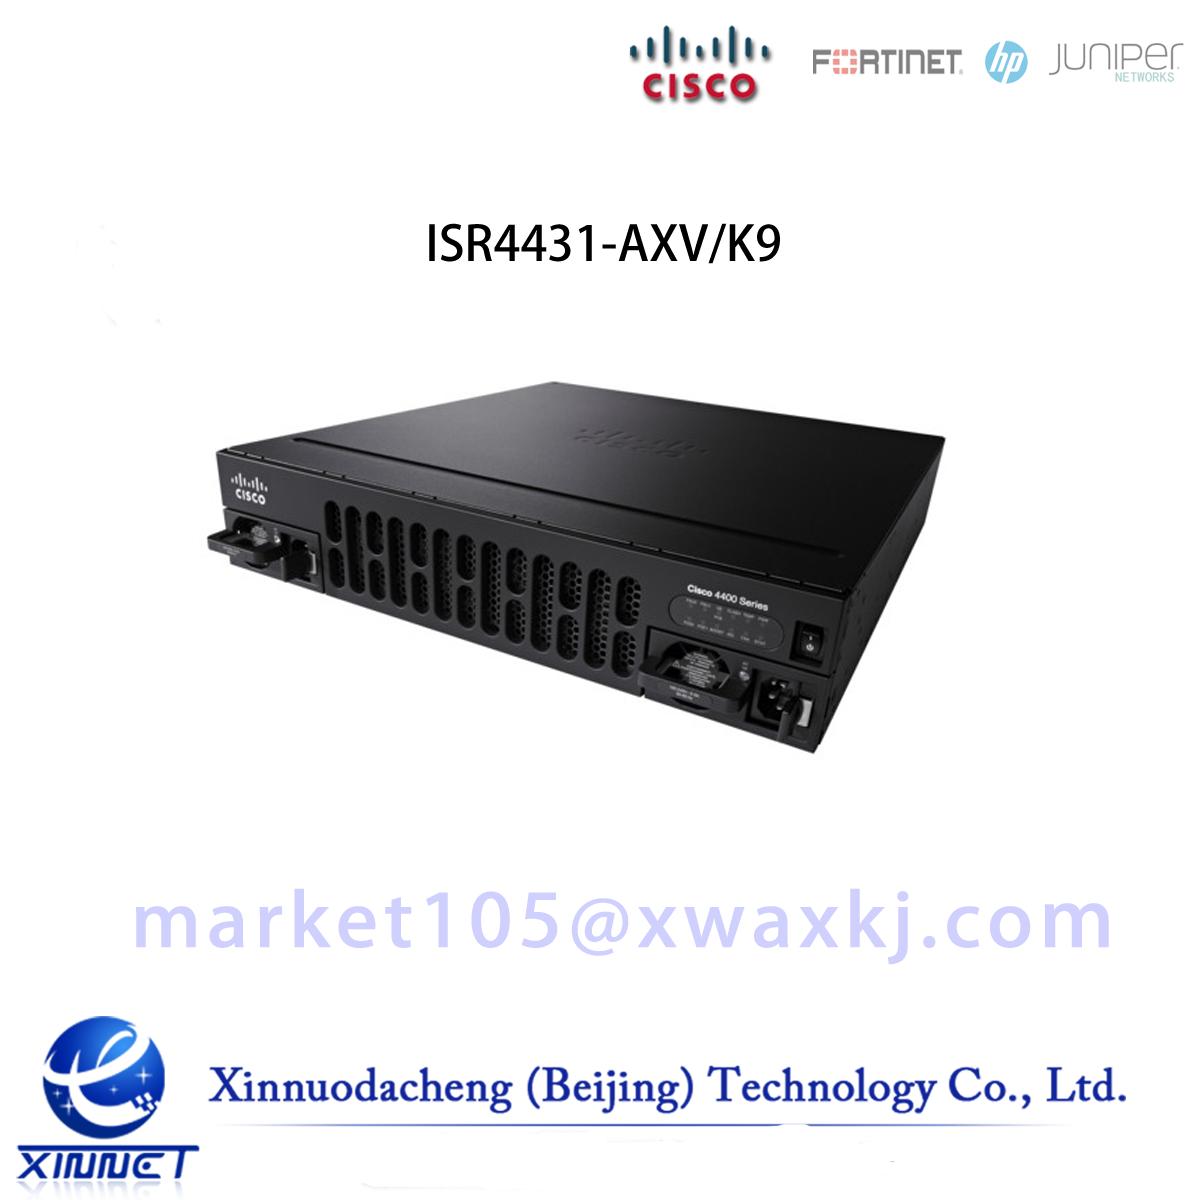 Cisco ISR 4431 AXV Bundle,PVDM4-64 w/APP,SEC,UC lic,CUBE-25 ISR4431-AXV/K9